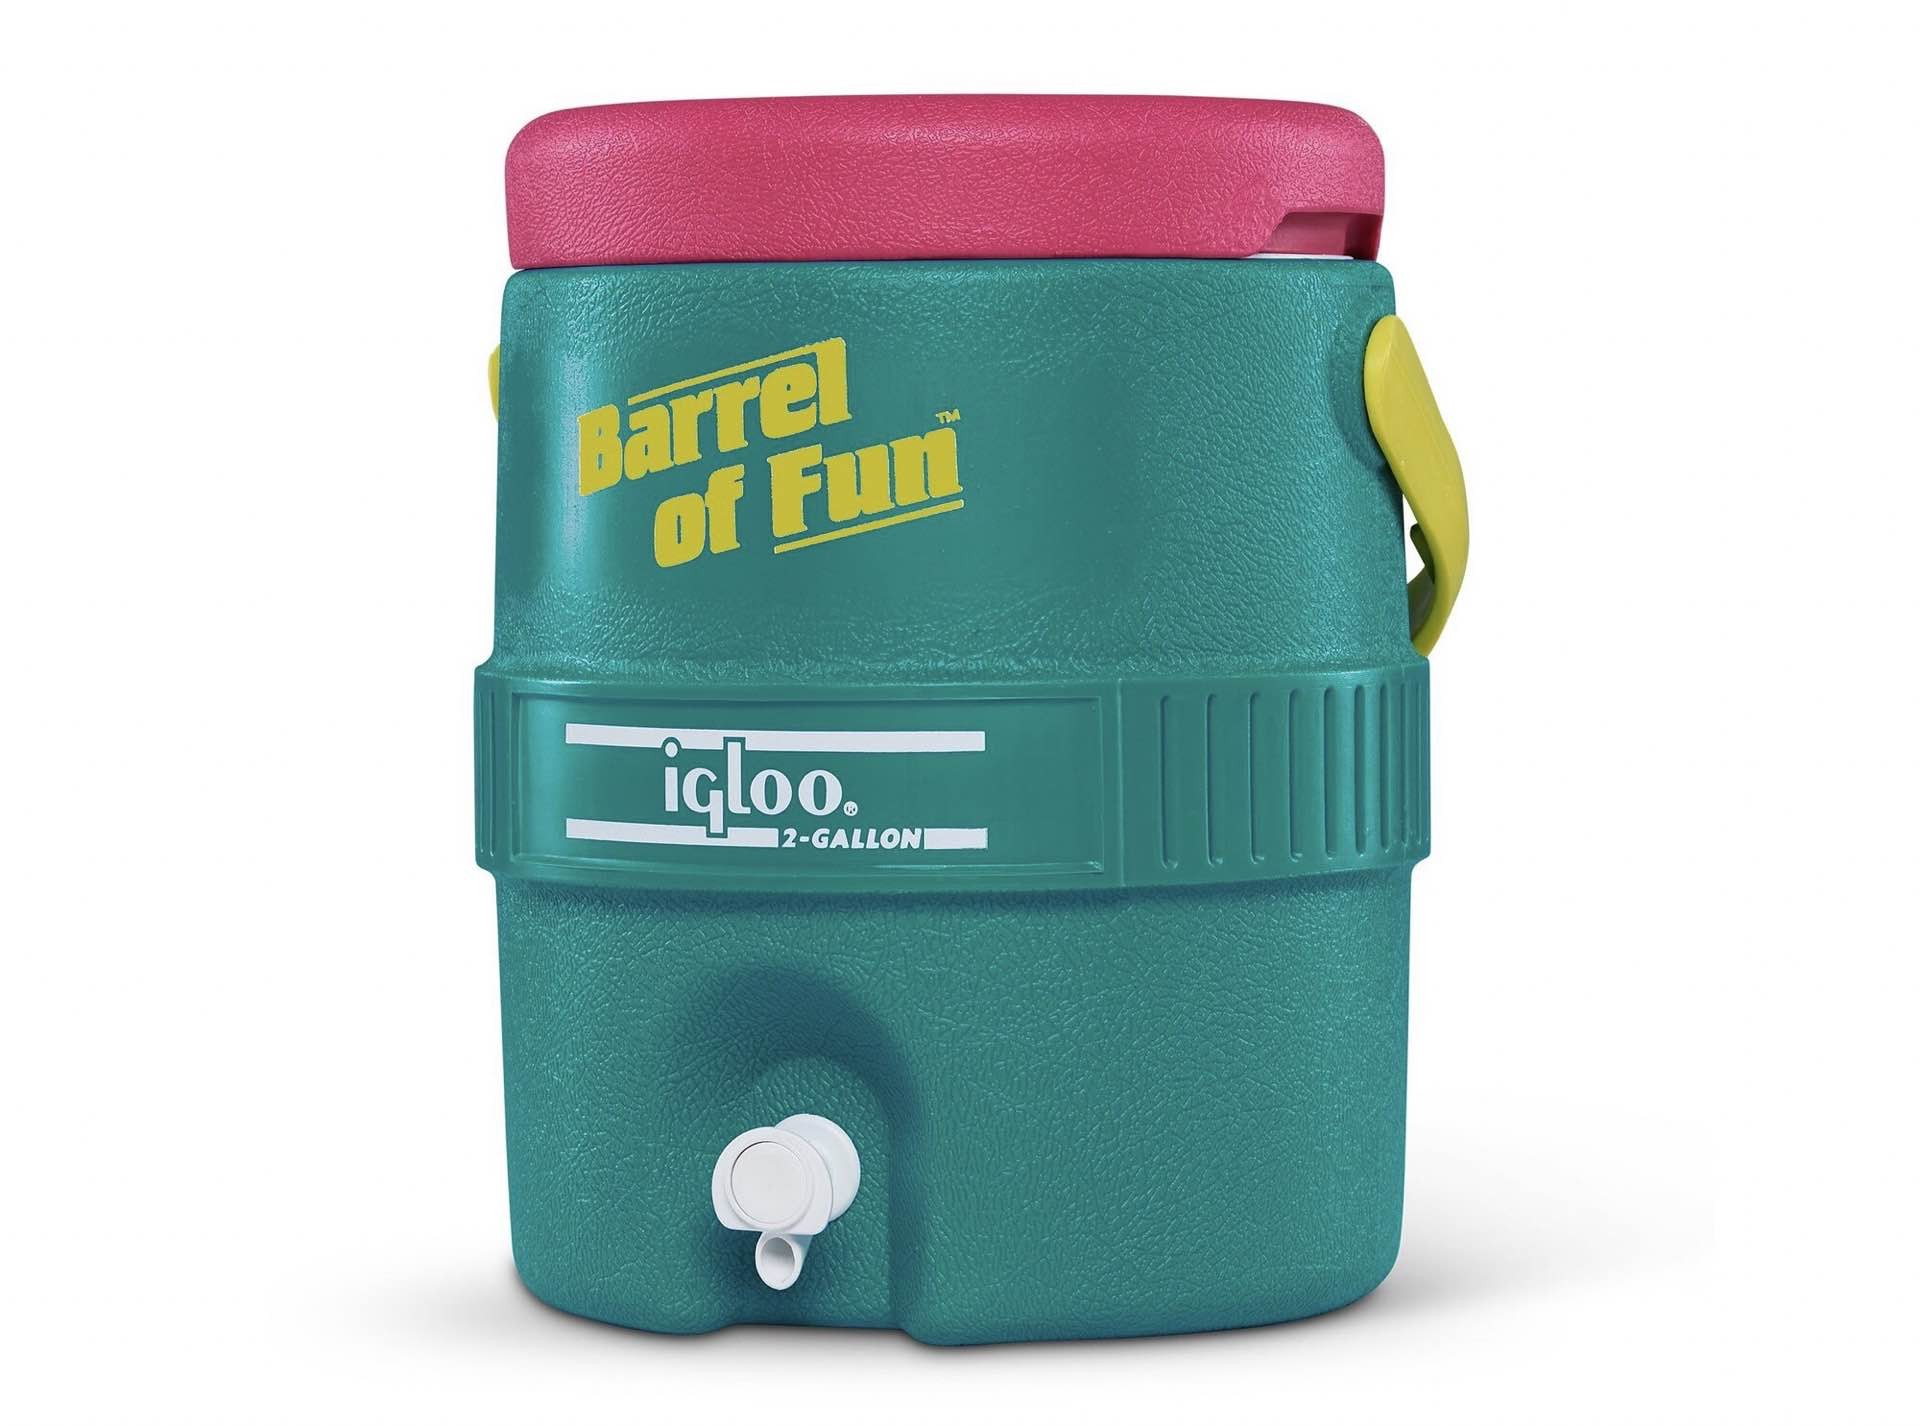 igloo-retro-barrel-of-fun-two-gallon-jug-2